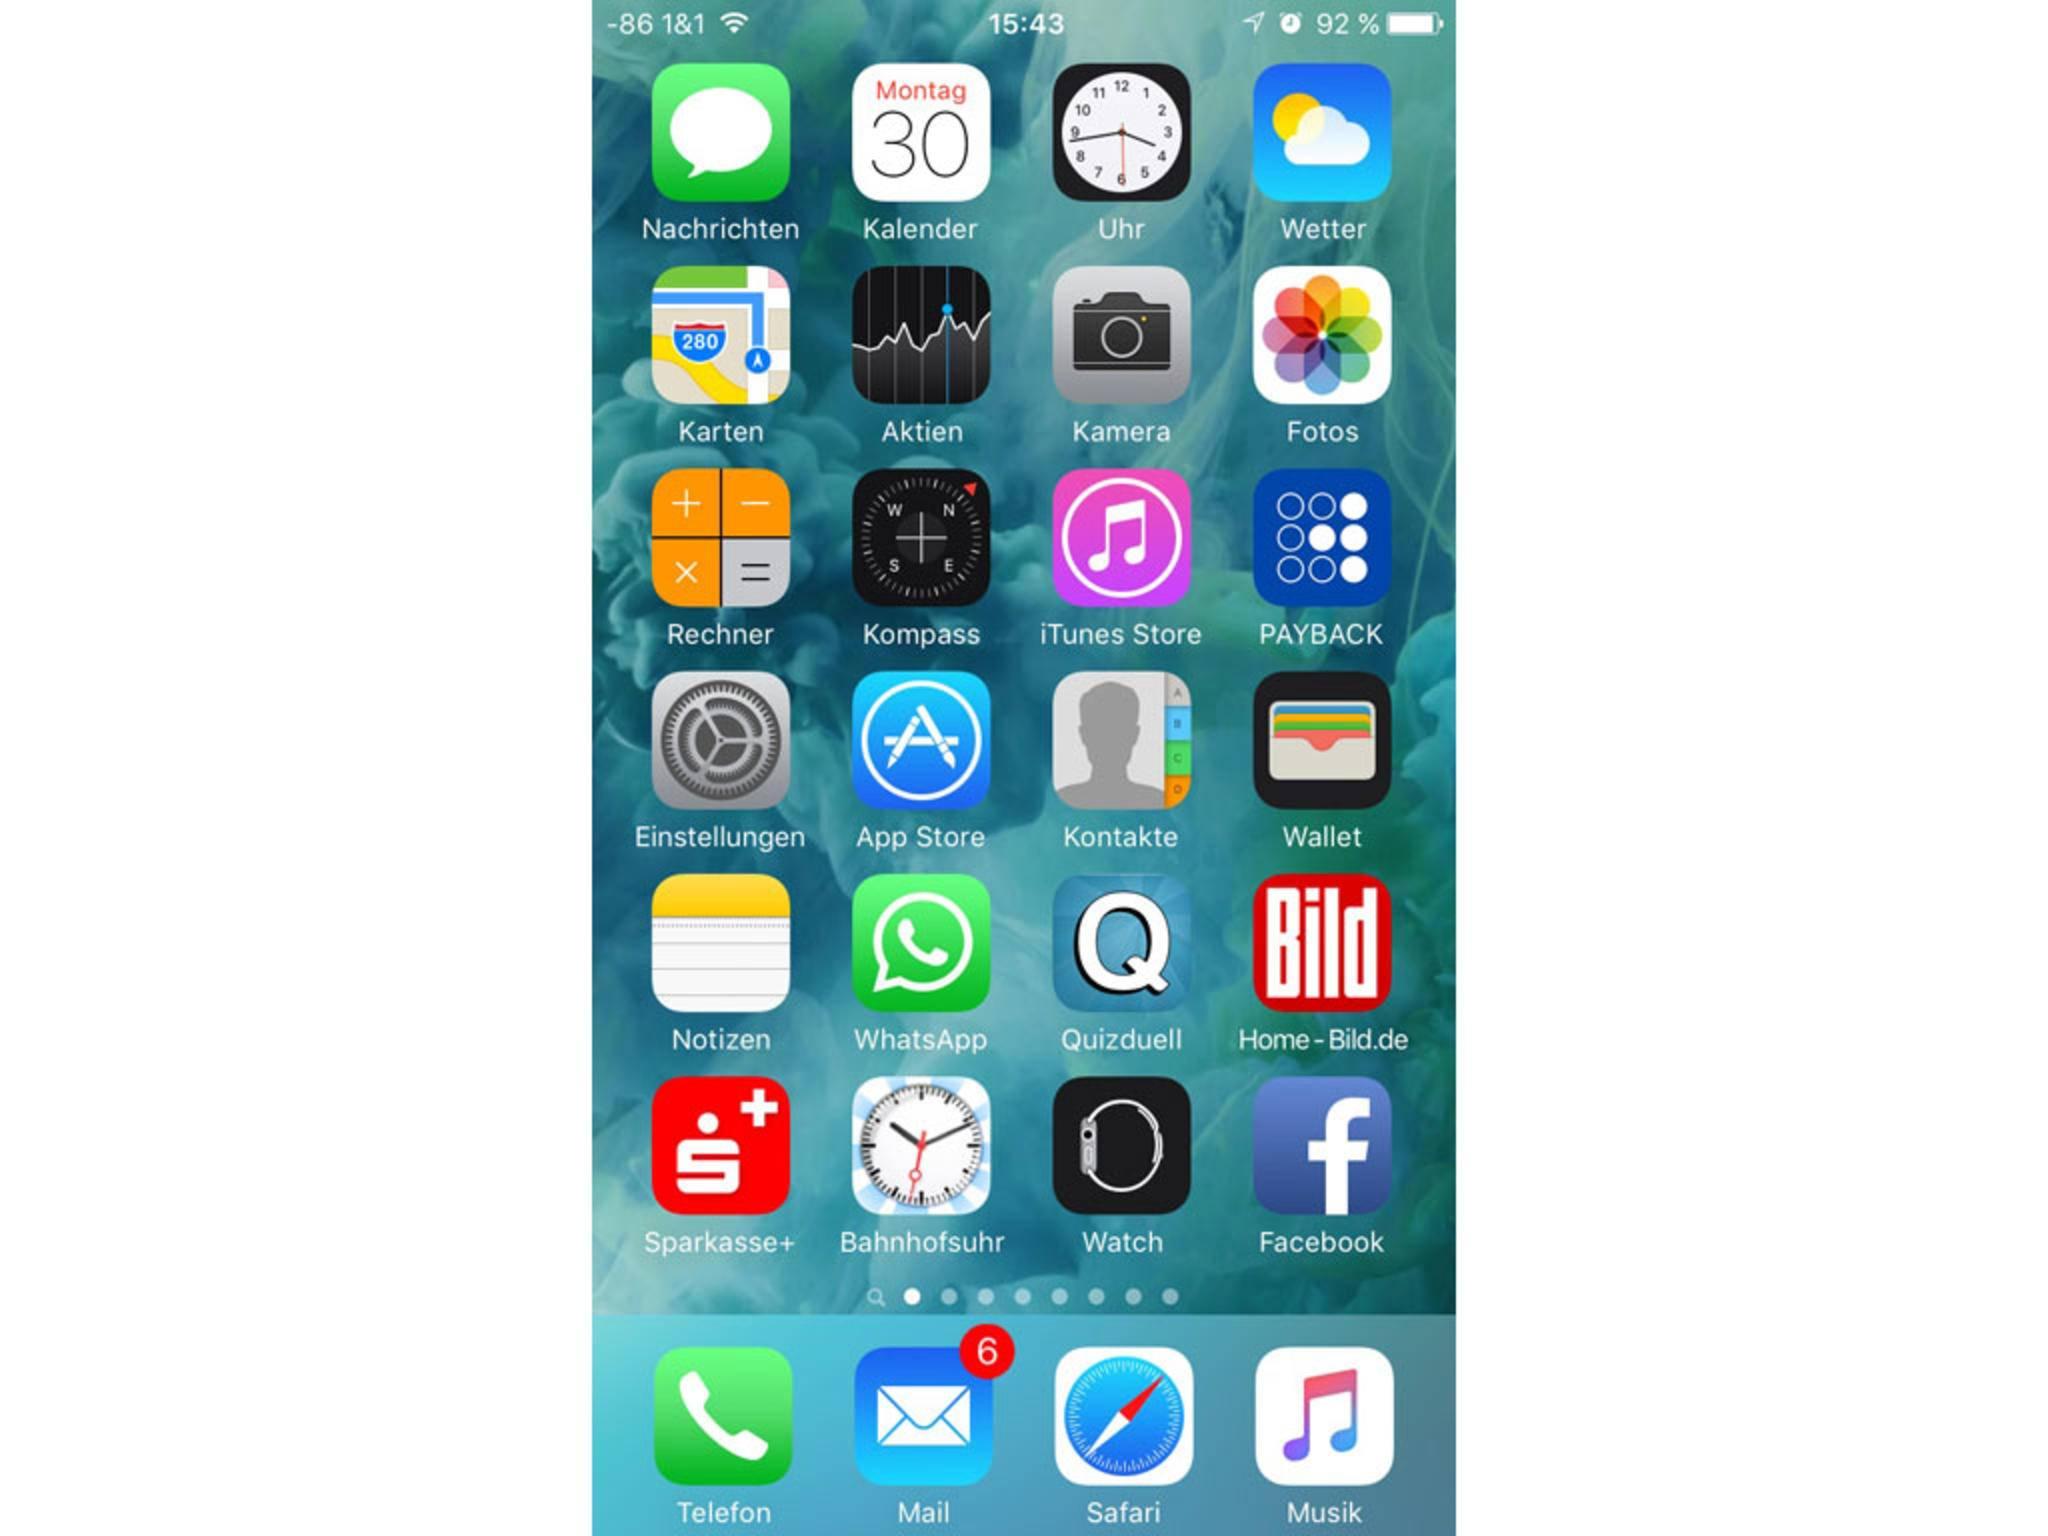 Die iPhone-Signalstärke wird nun deutlich exakter dargestellt.